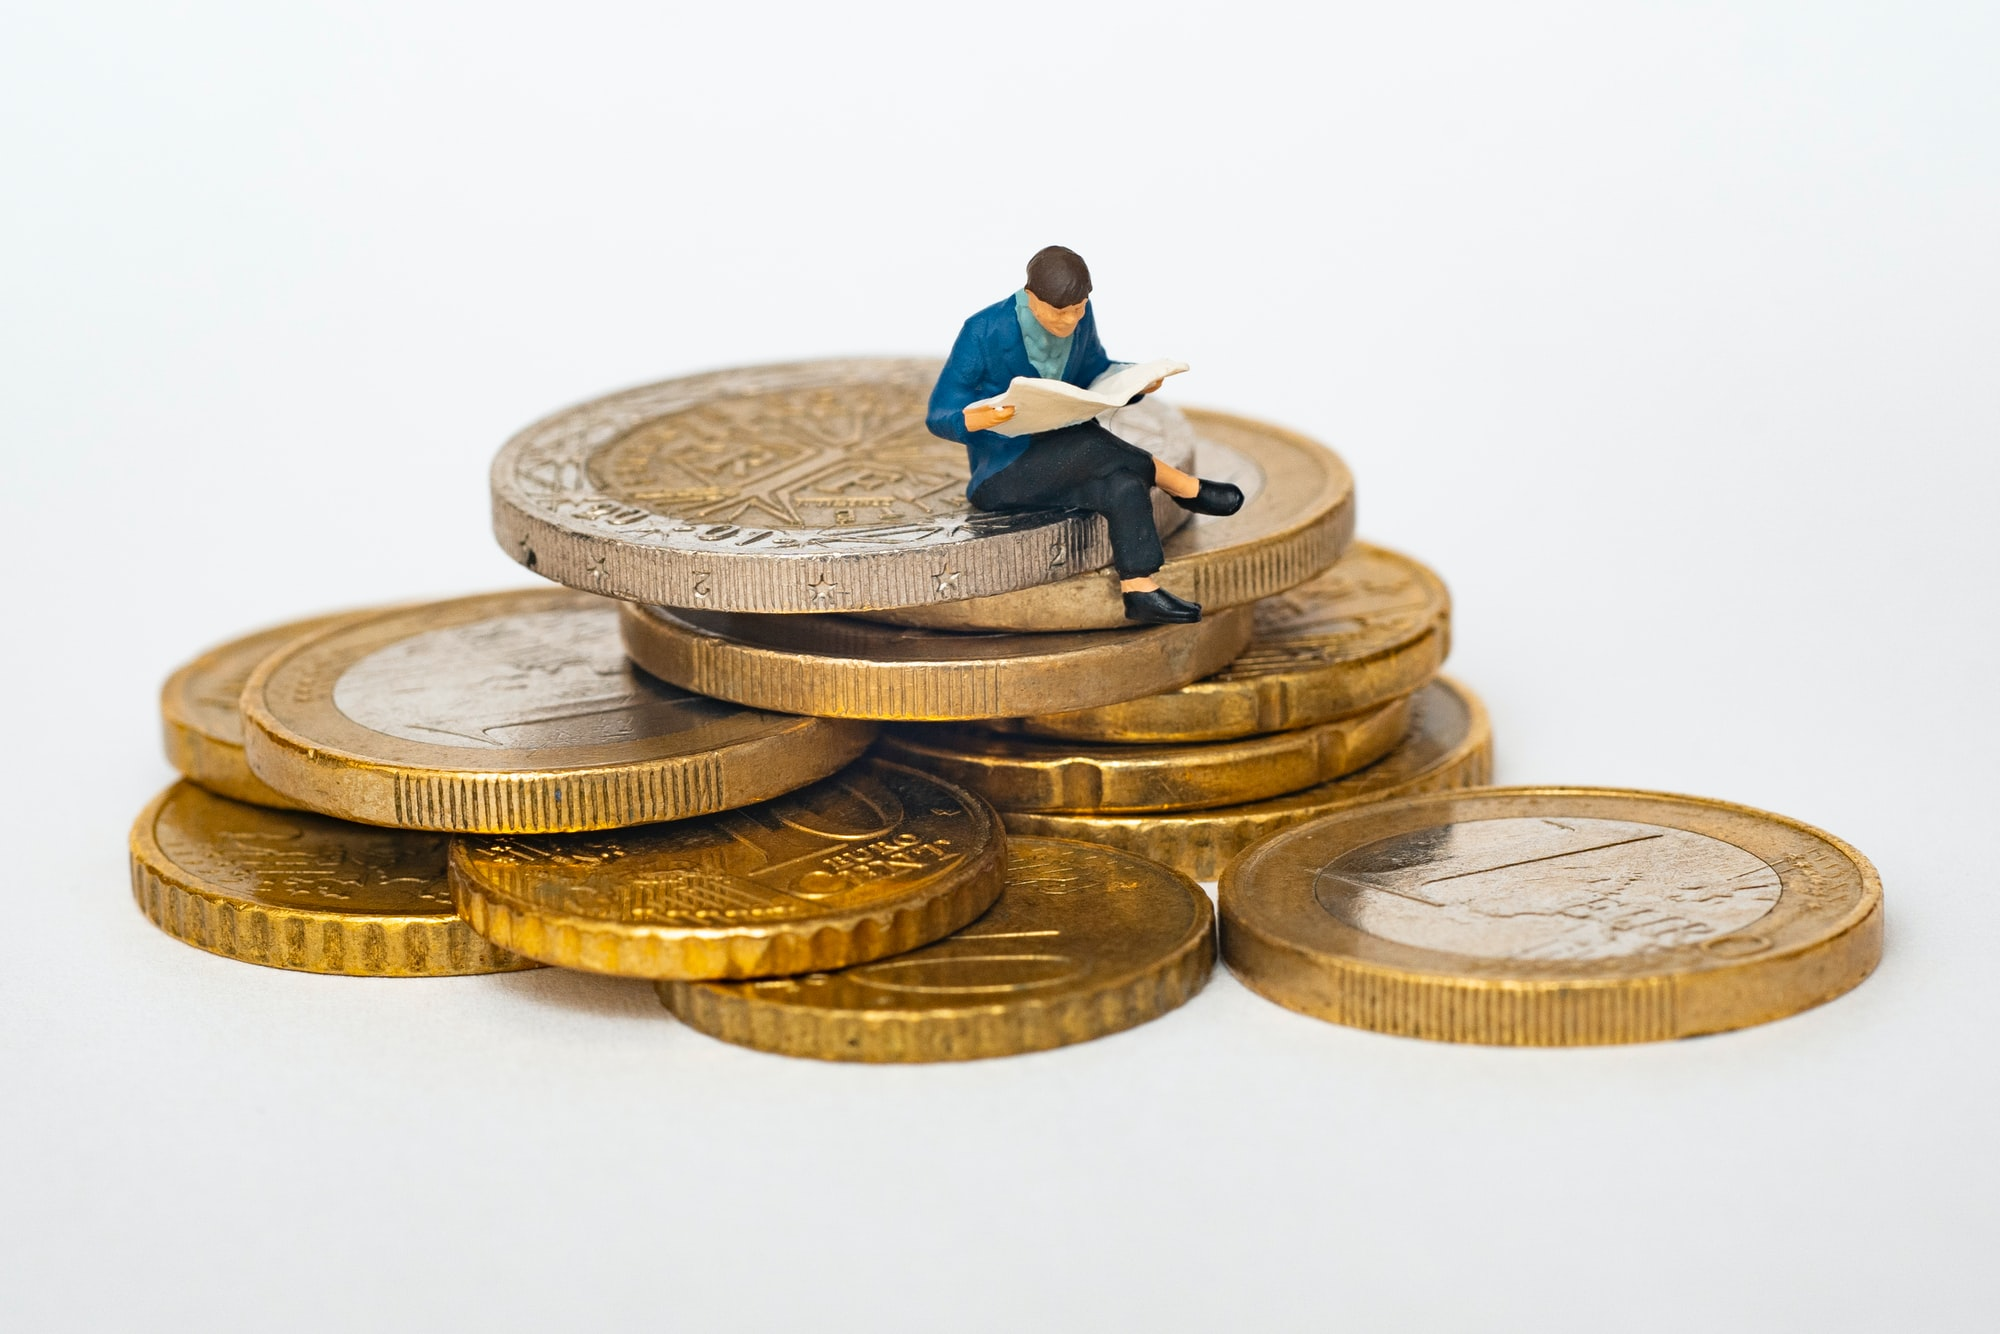 จุดสูงสุดใหม่ของการซื้อขายใน Binance ด้วยมูลค่า 3.7 หมื่นล้านดอลลาร์สหรัฐ